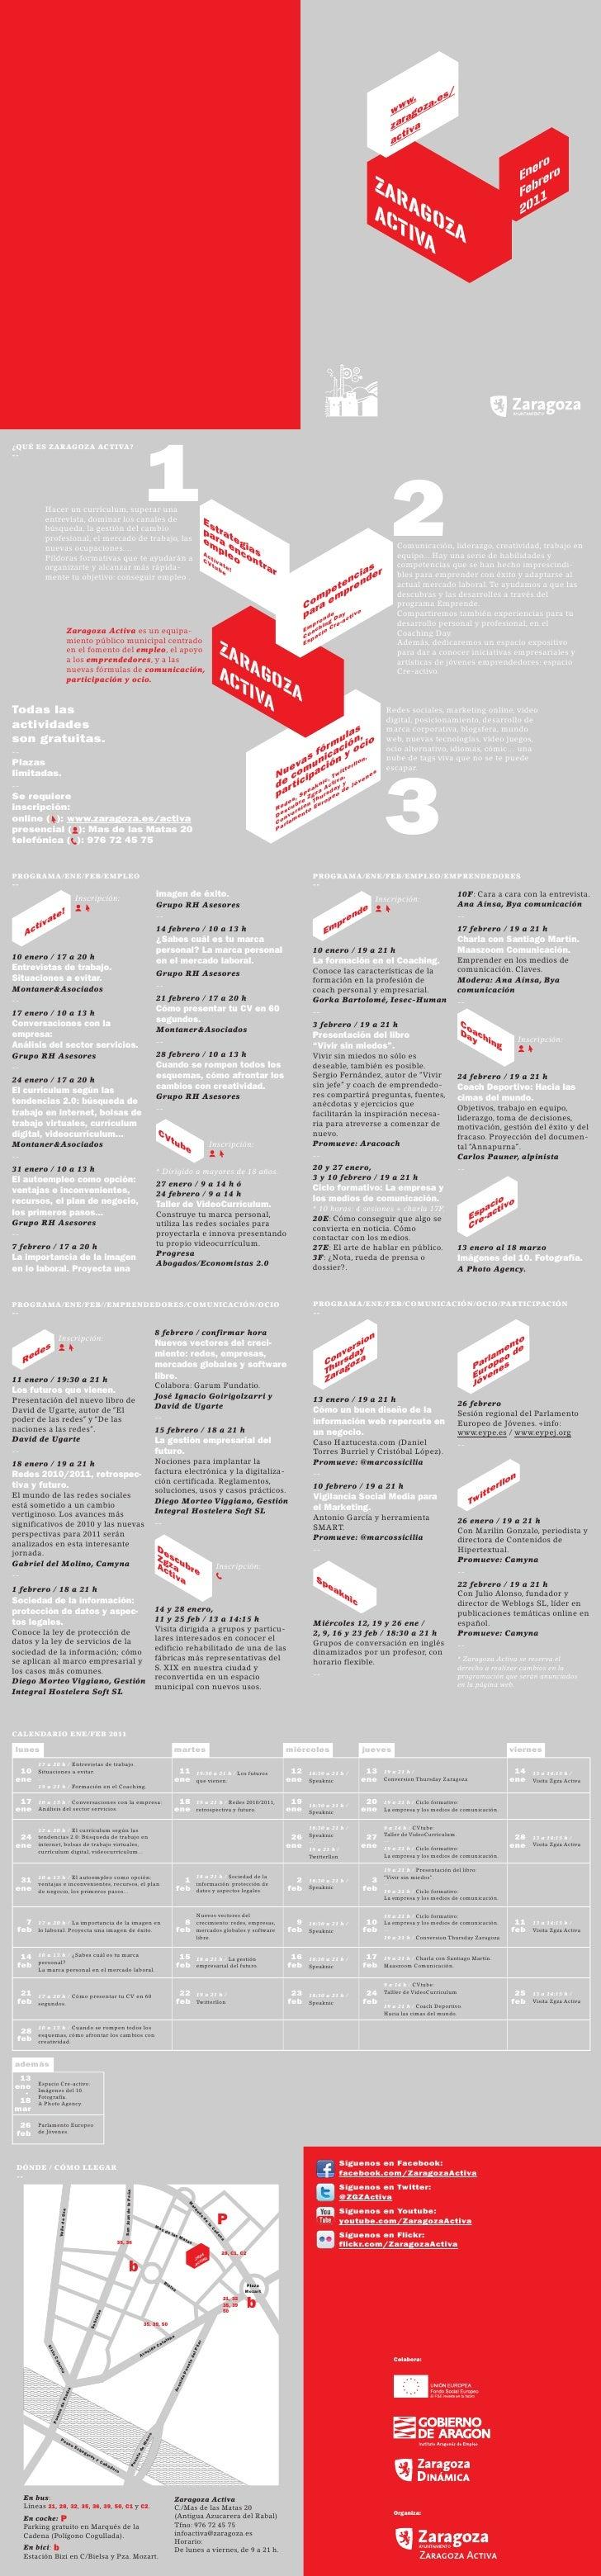 Programación Enero Febrero 2011